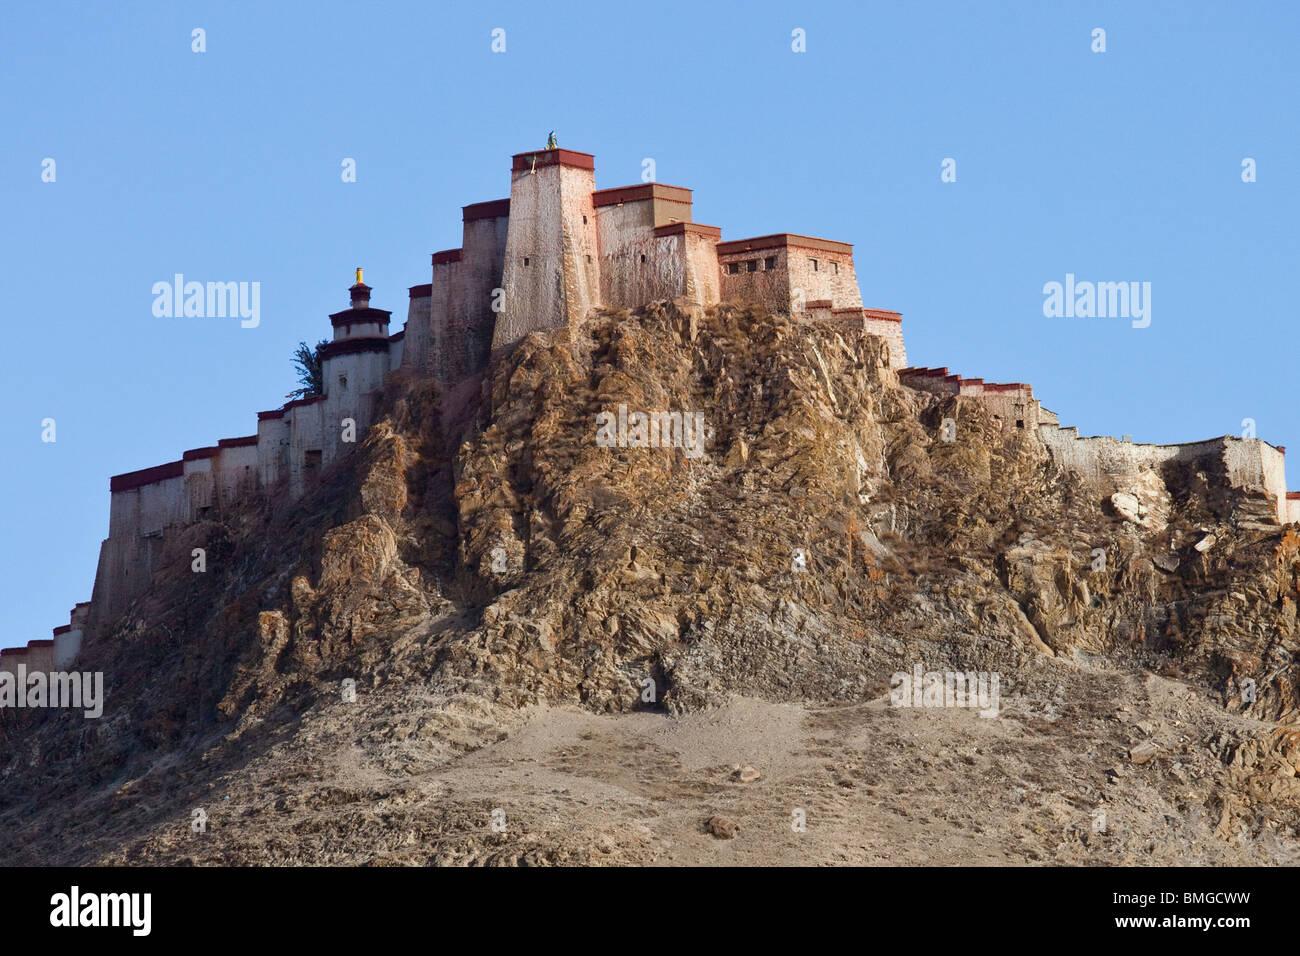 Gyantse Dzong or Fortress in Gyantse, Tibet - Stock Image